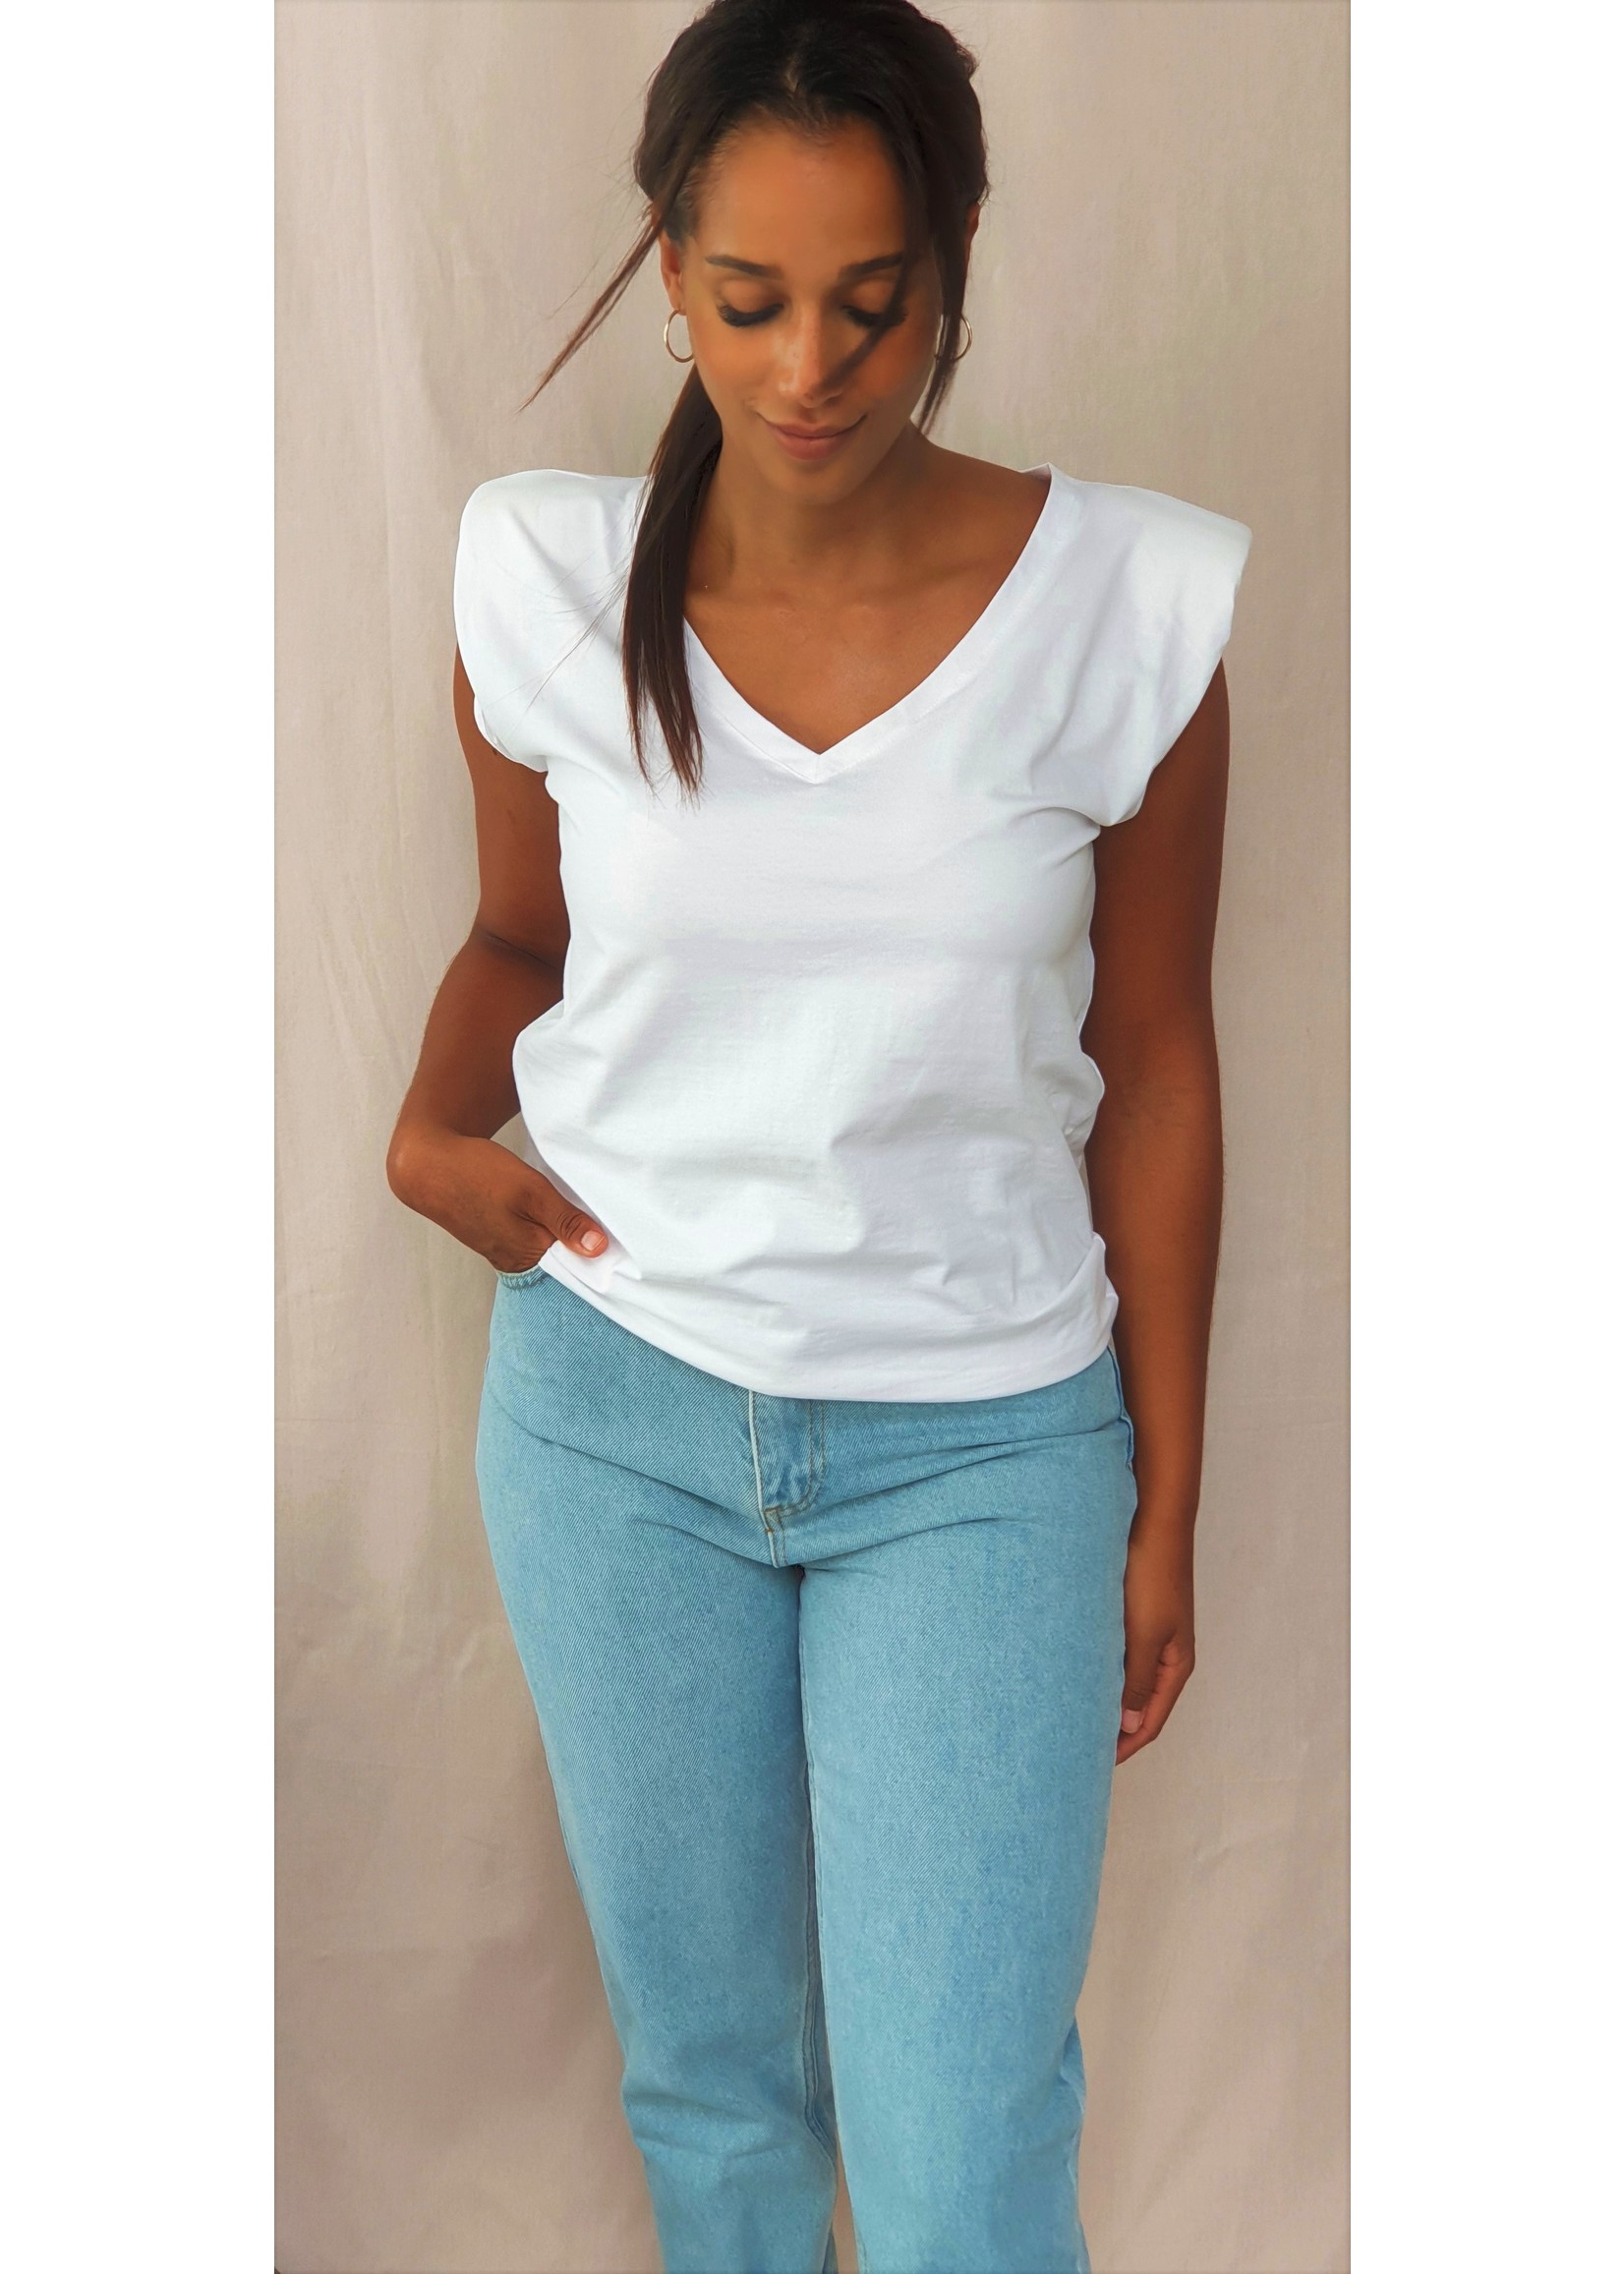 Padded white shirt